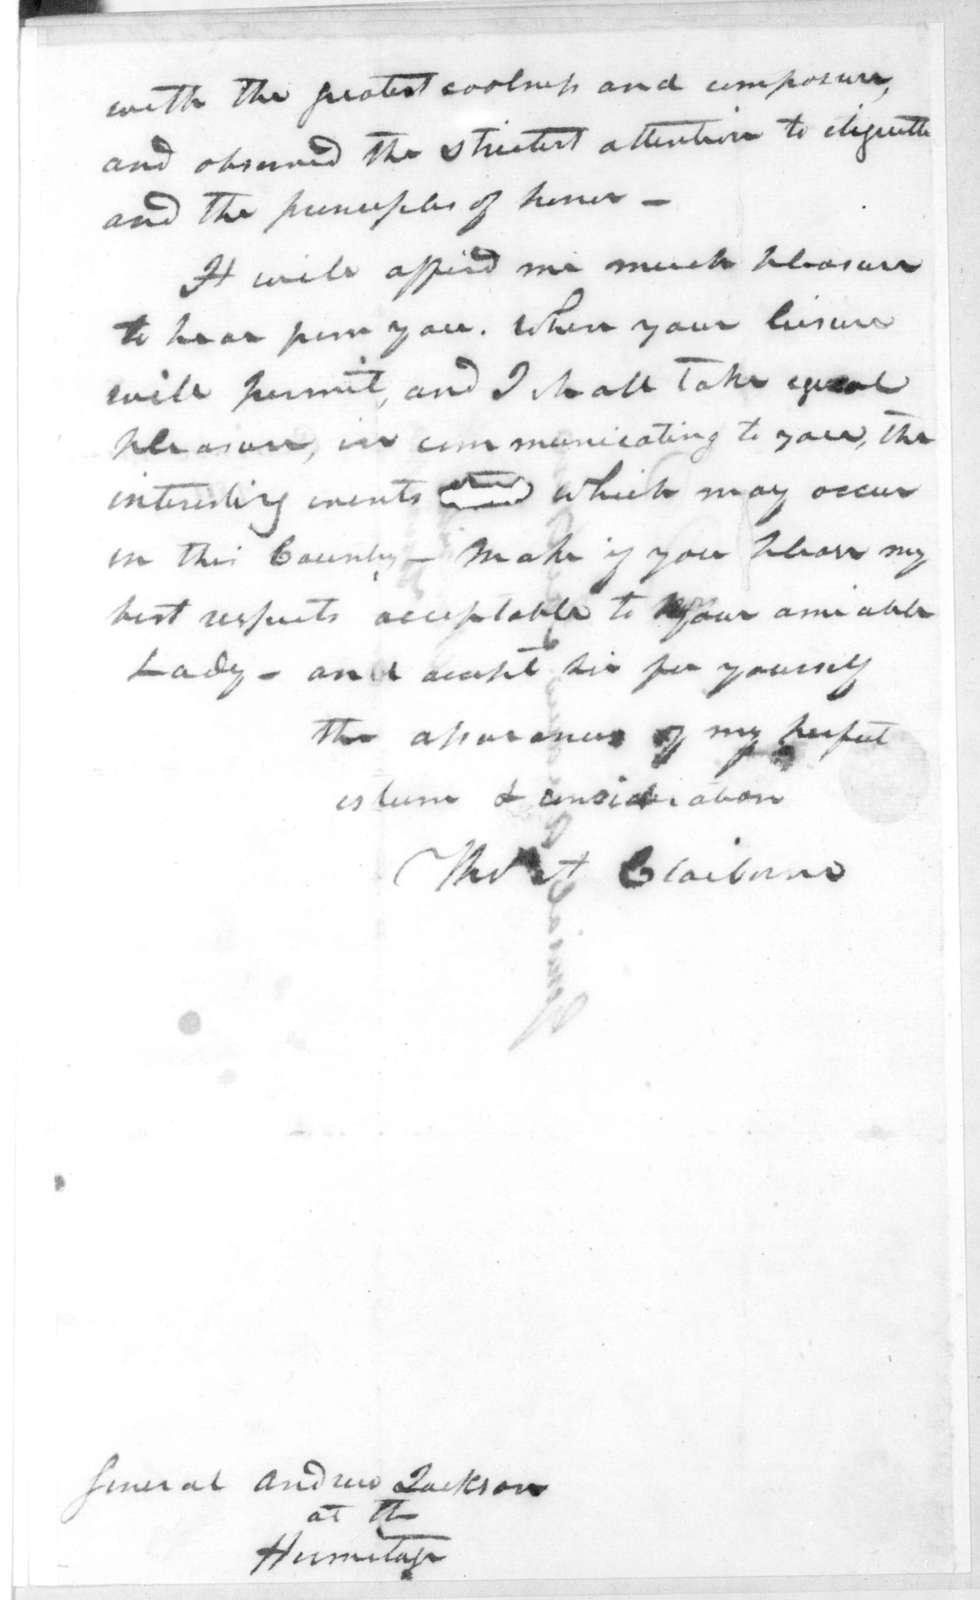 Thomas H. Claiborne to Andrew Jackson, November 20, 1811